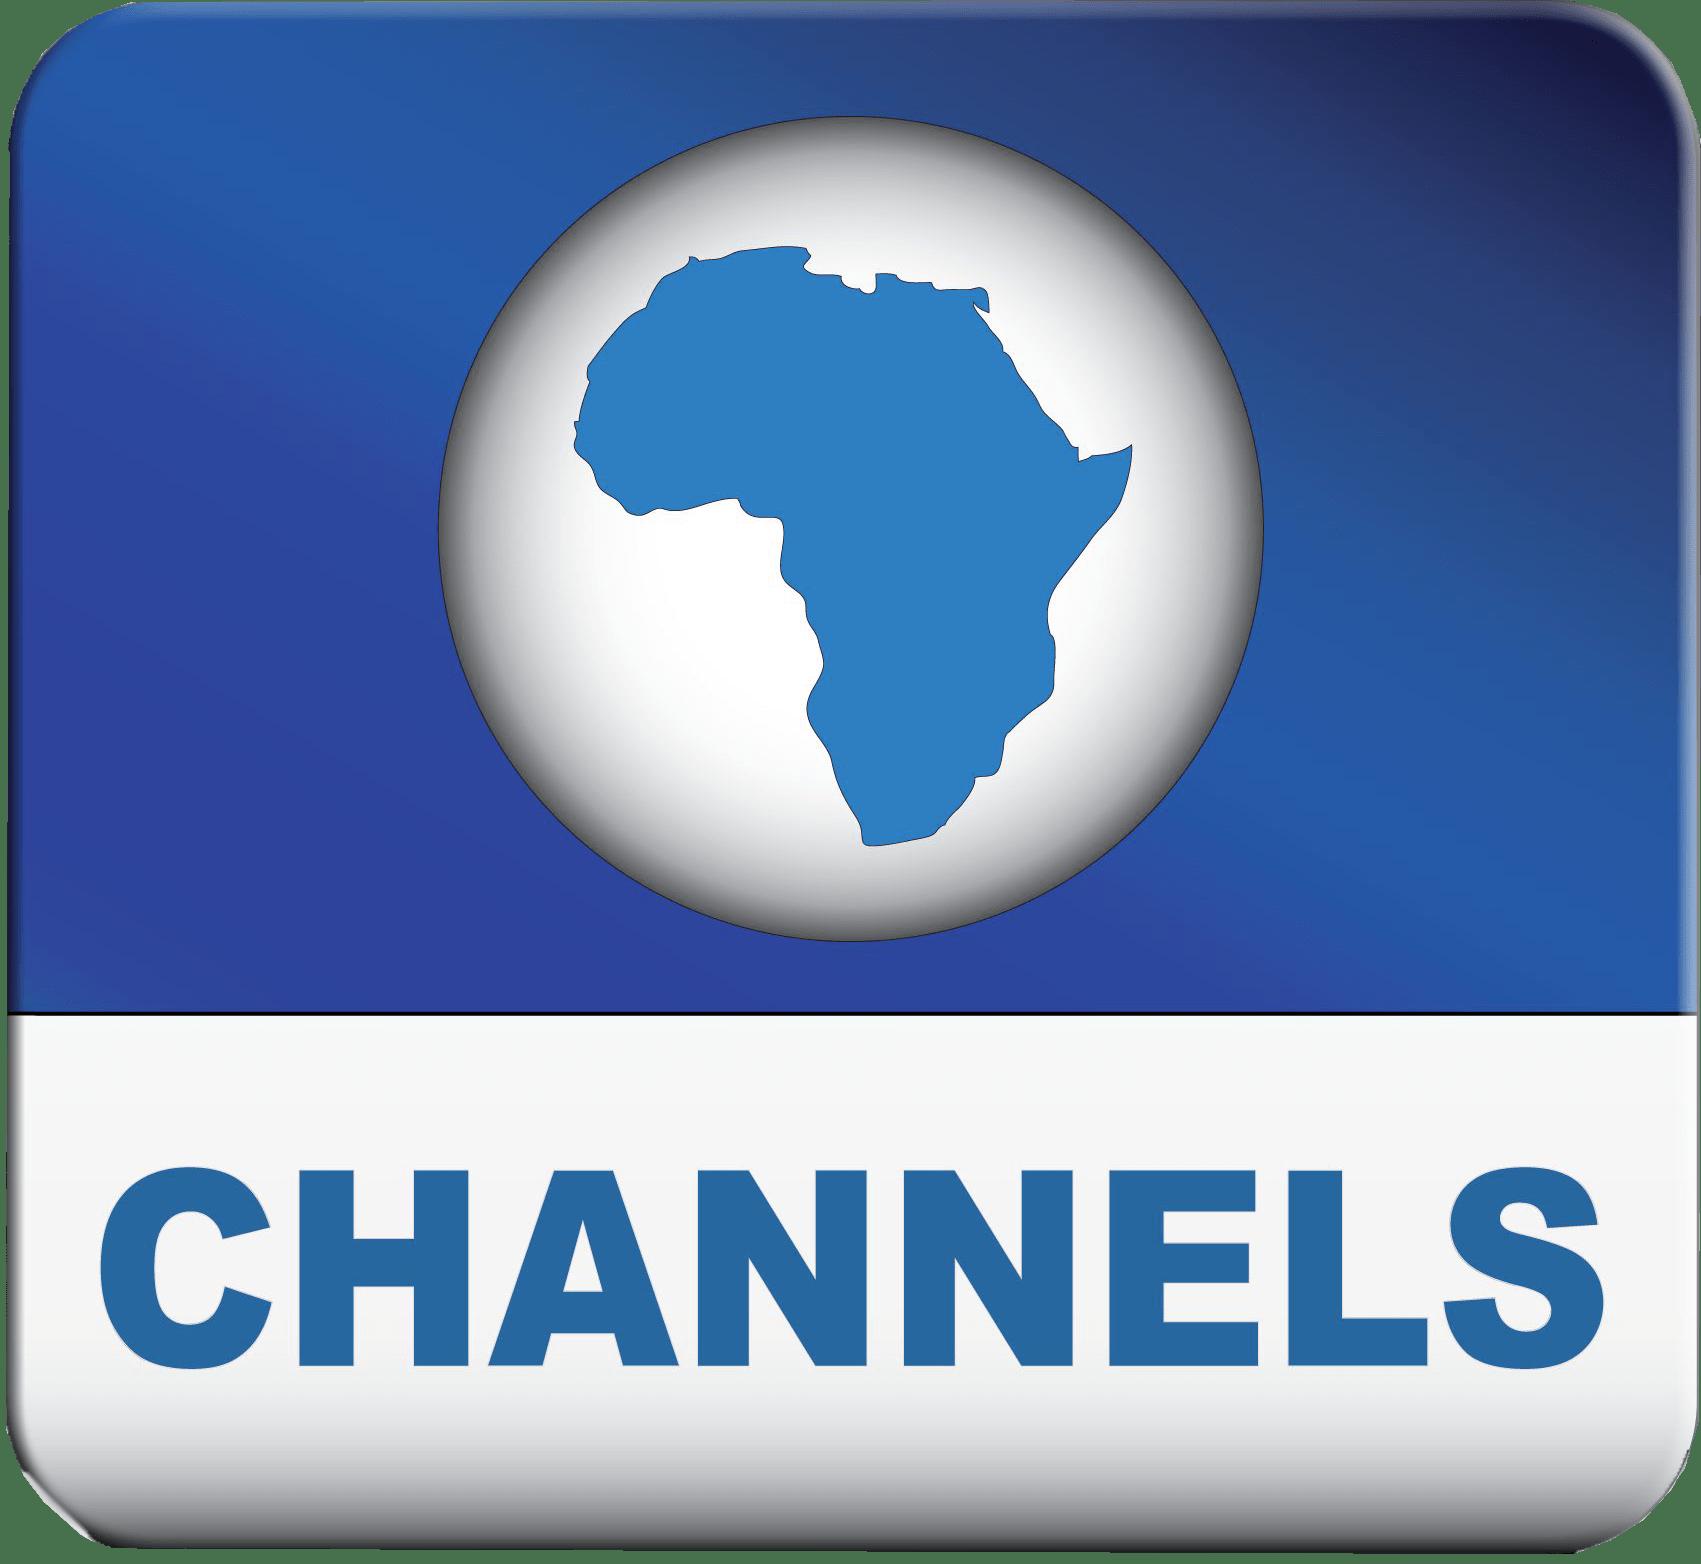 channelstv-logo-new.png